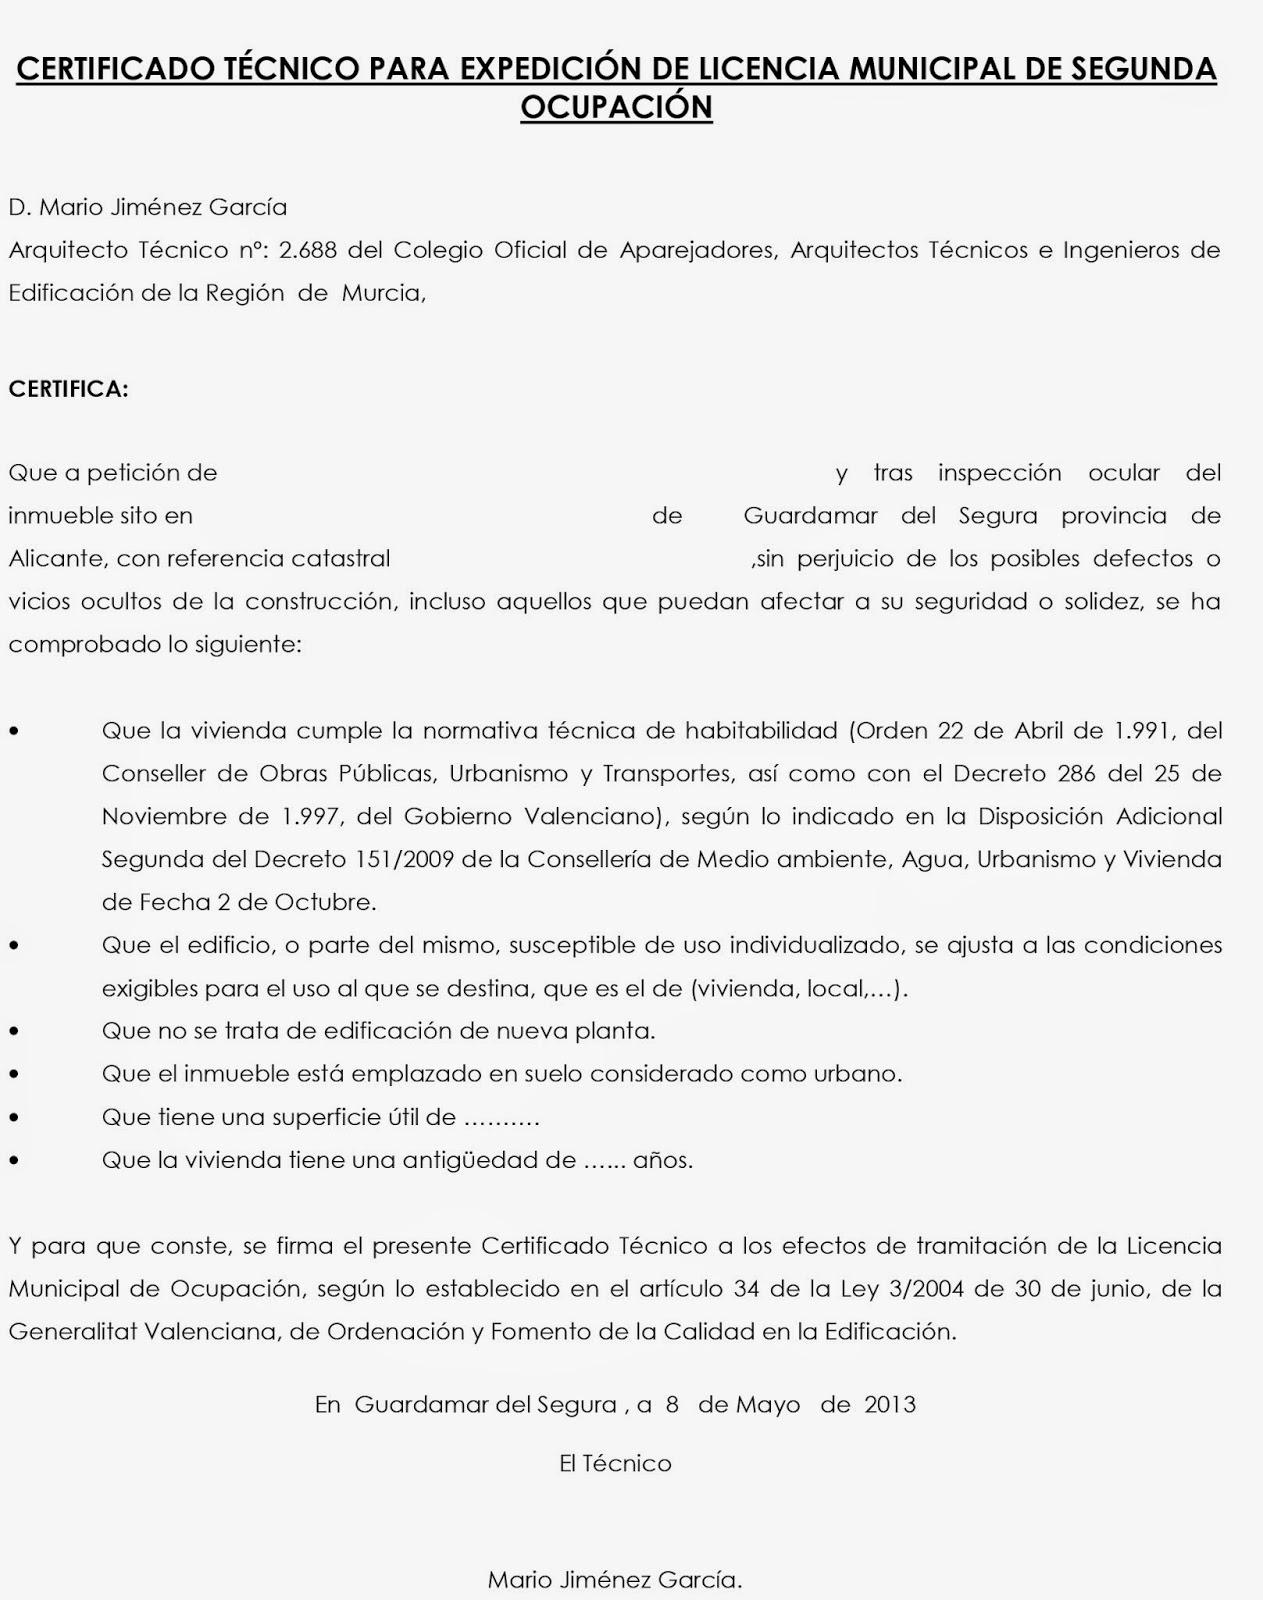 Mjg ingenier a y arquitectura certificado t cnico para - Licencia de habitabilidad ...